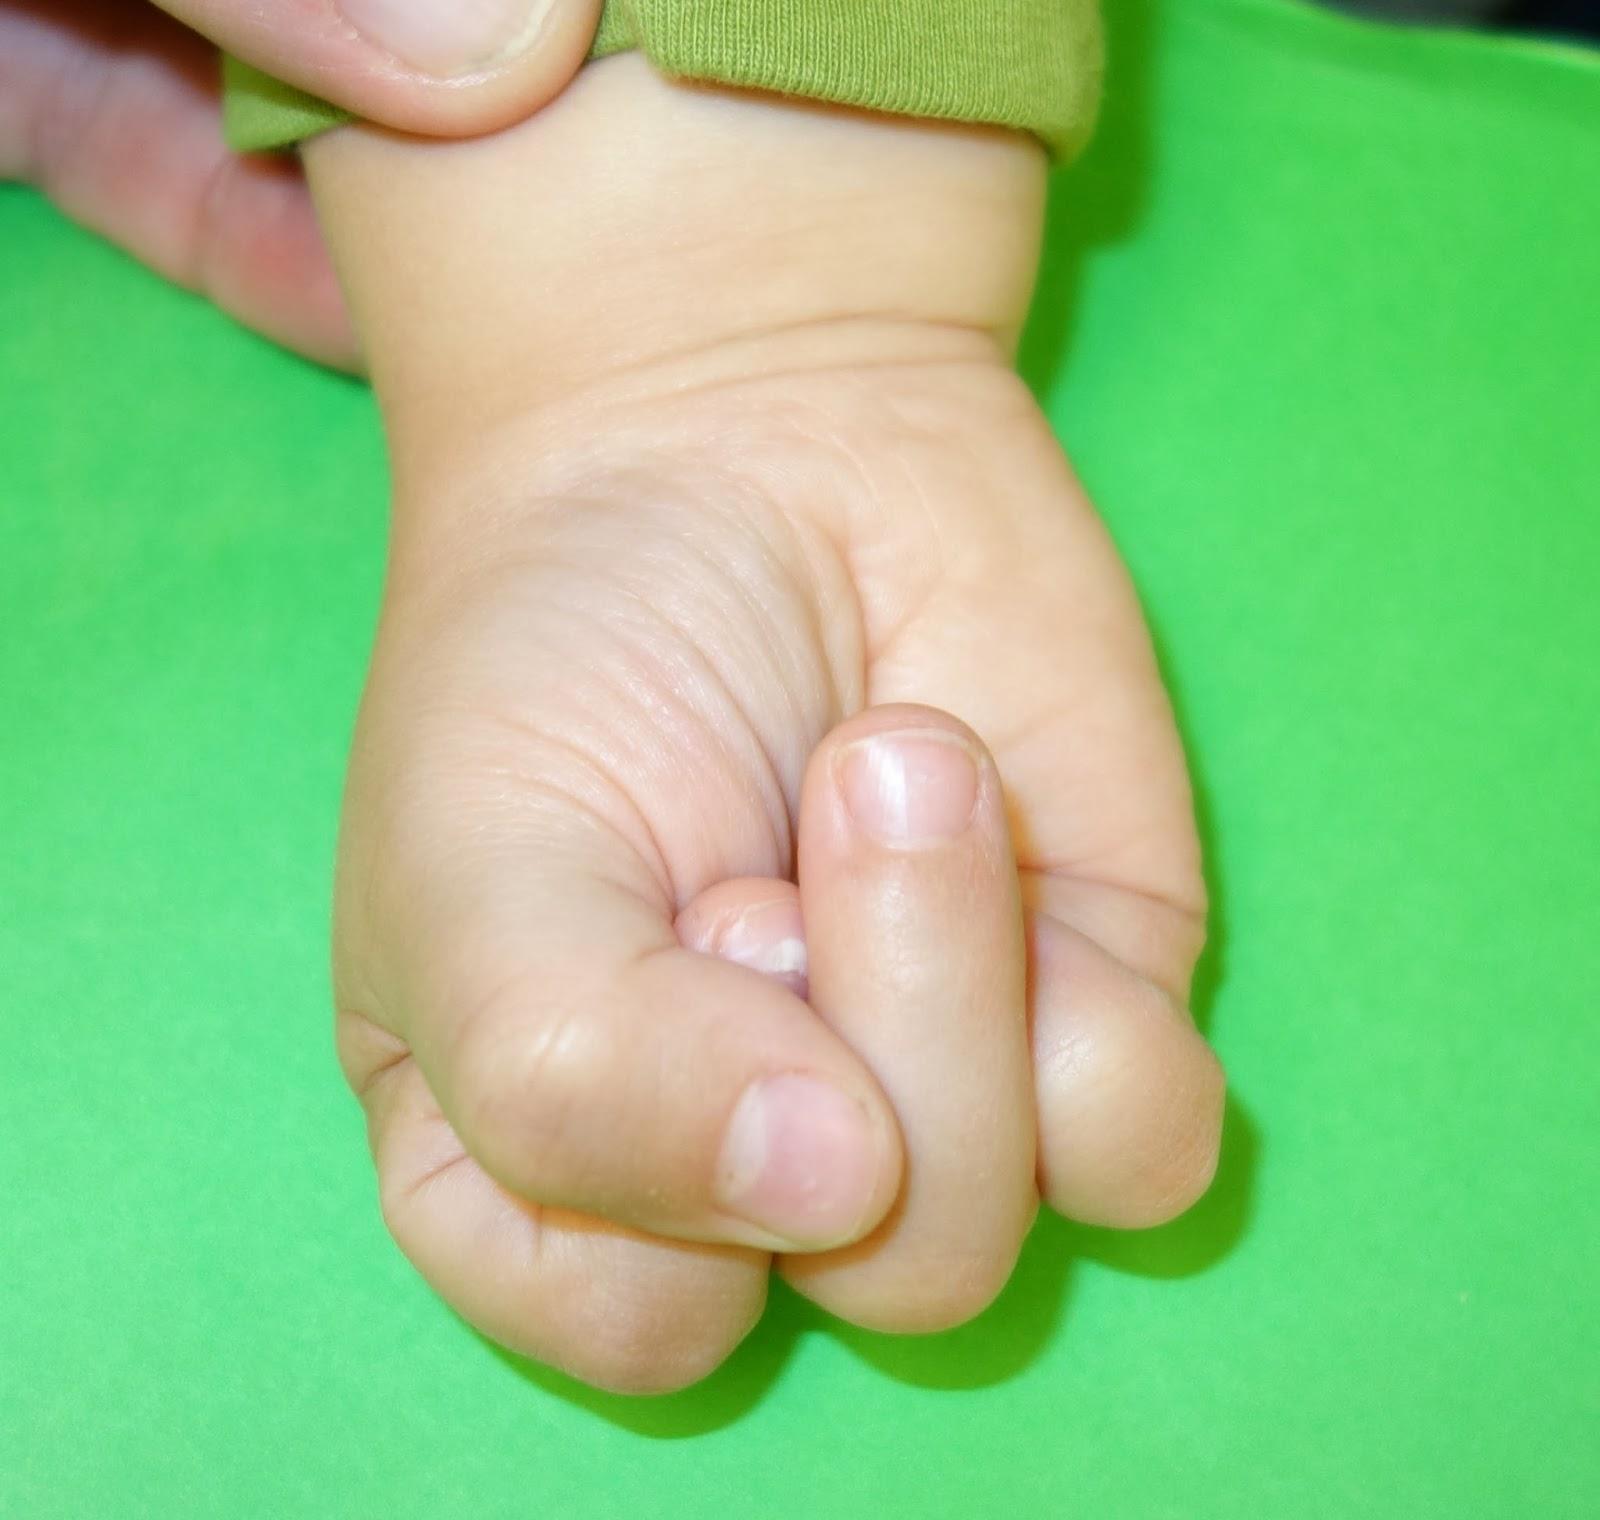 http://1.bp.blogspot.com/-5JwU7ghB_yQ/Un0YWjsCvFI/AAAAAAAAA38/xoGcVv868v4/s1600/cleft+right+fist.jpg